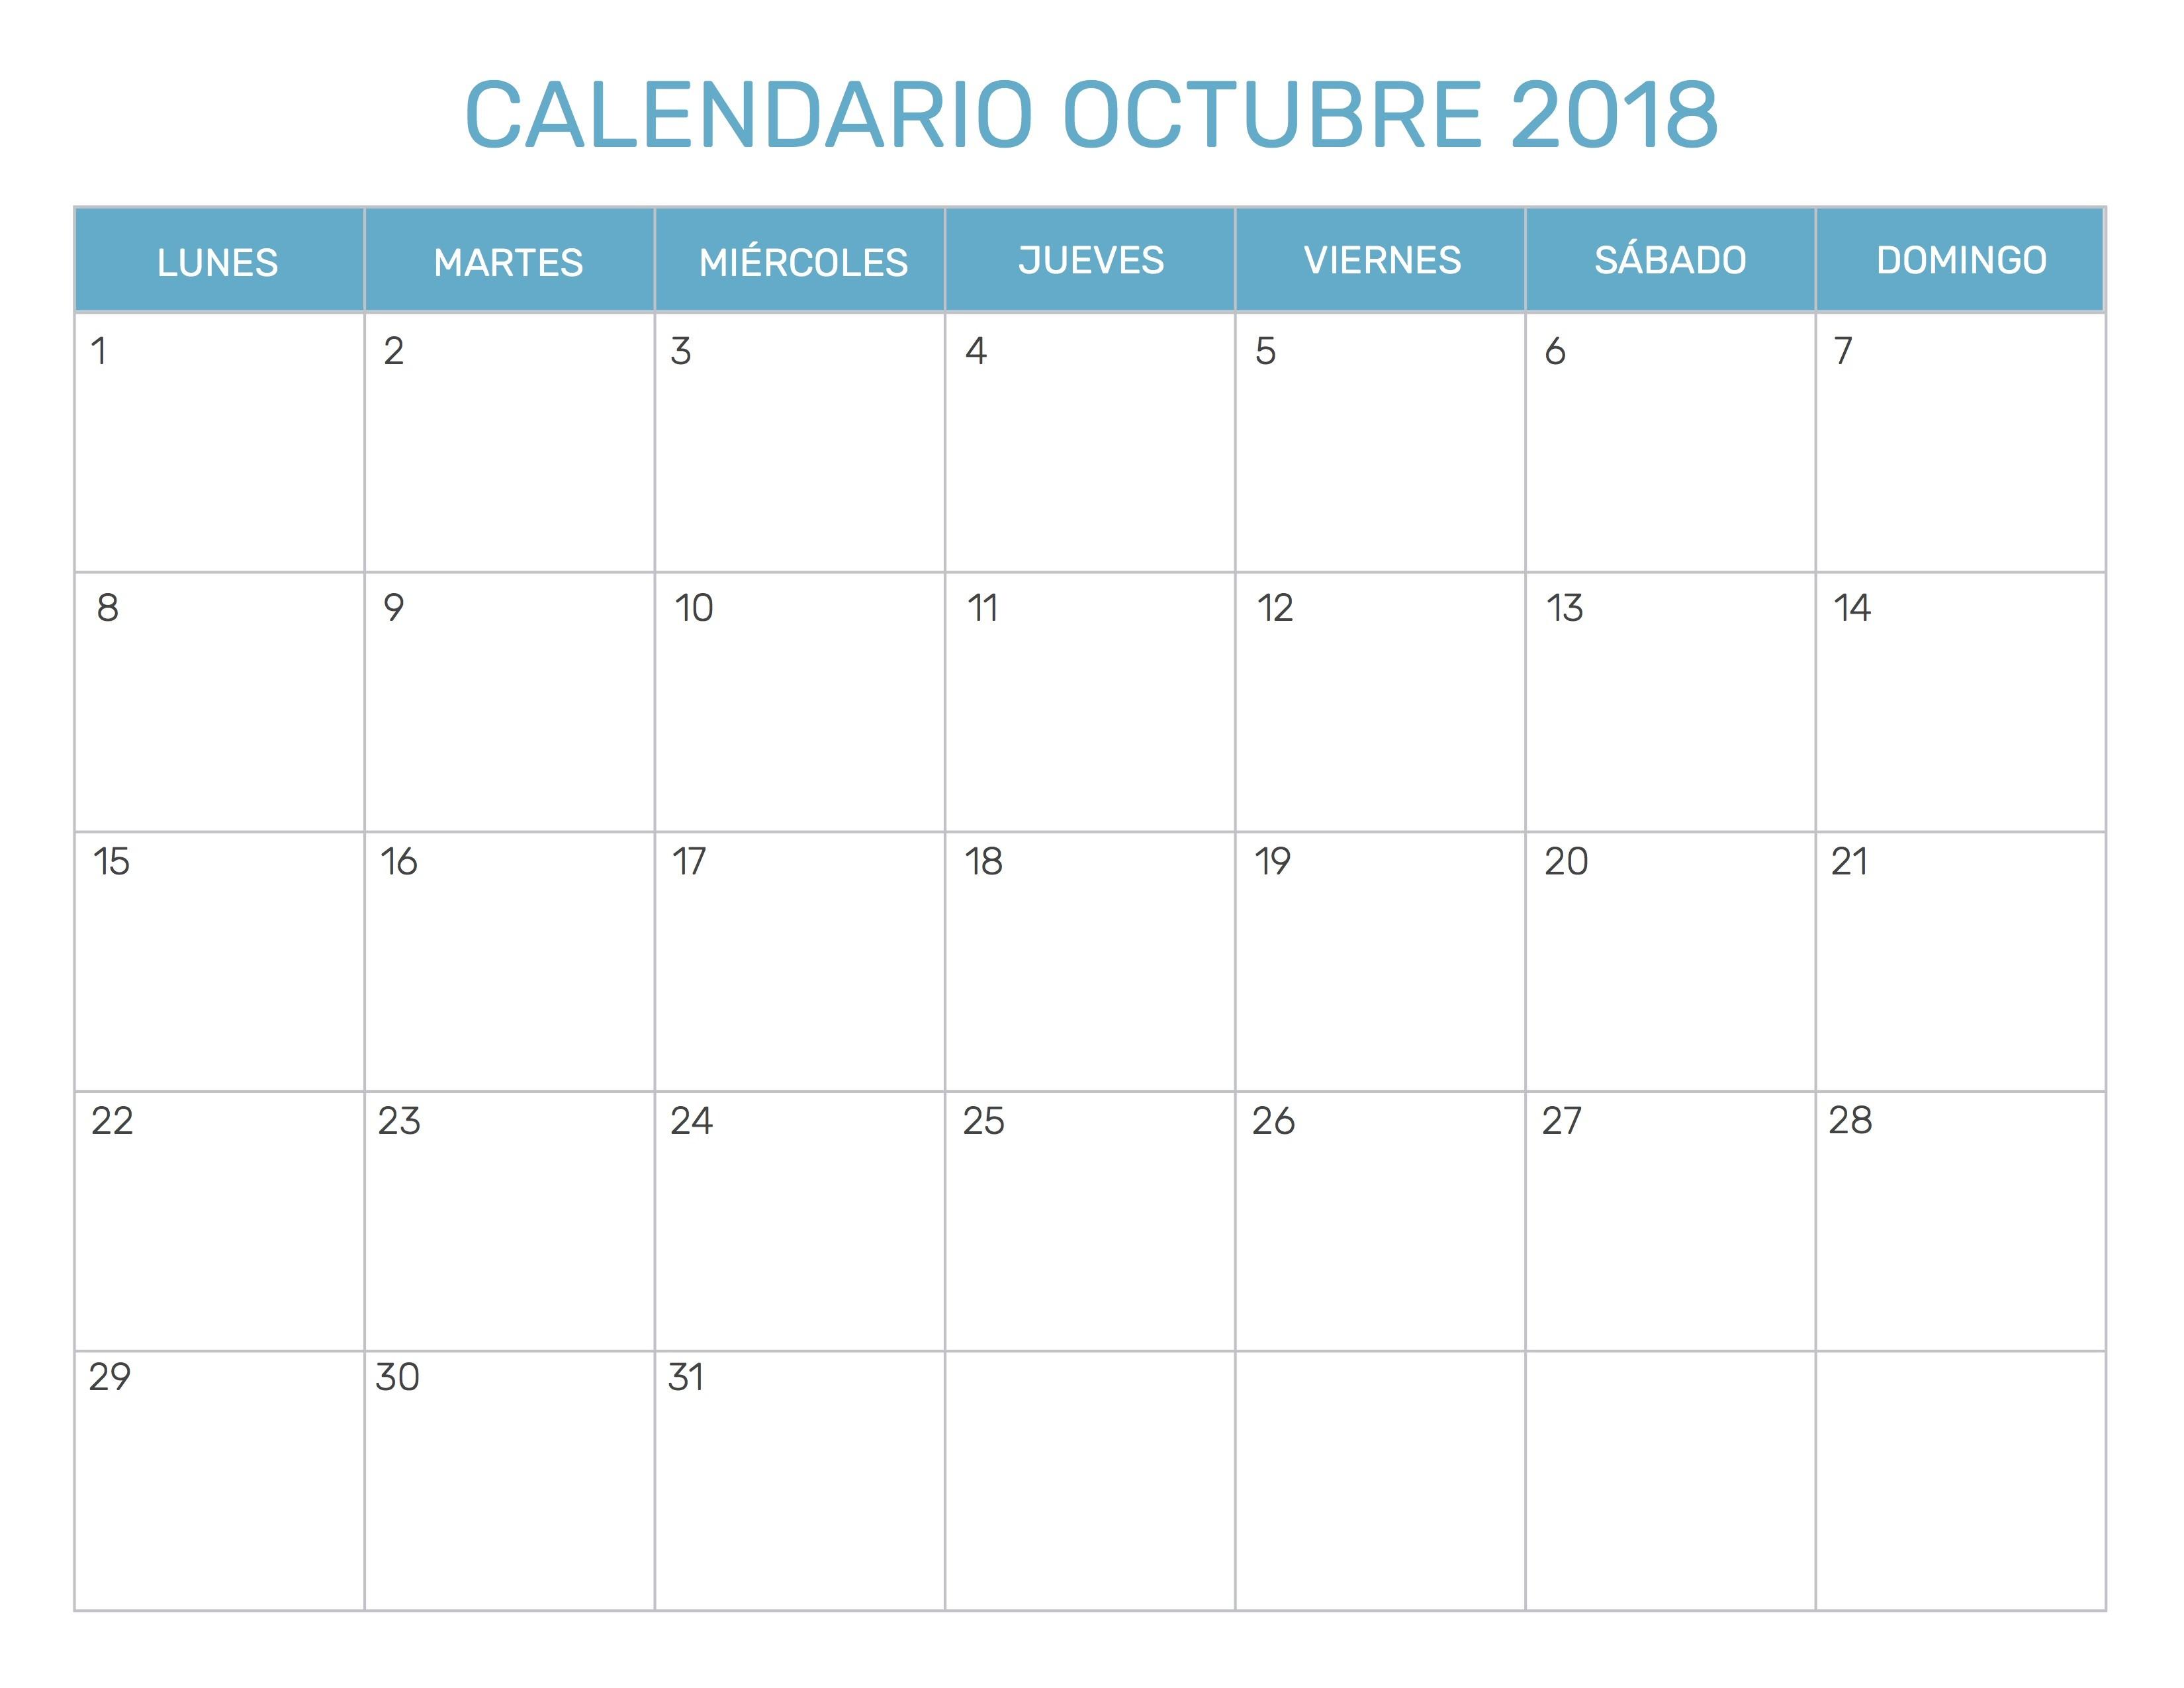 Calendario 2019 Barcelona Imprimir Más Arriba-a-fecha Calendario Octubre 2018 Colombia T Of Calendario 2019 Barcelona Imprimir Más Caliente Calendario Octubre 2018 Colombia T